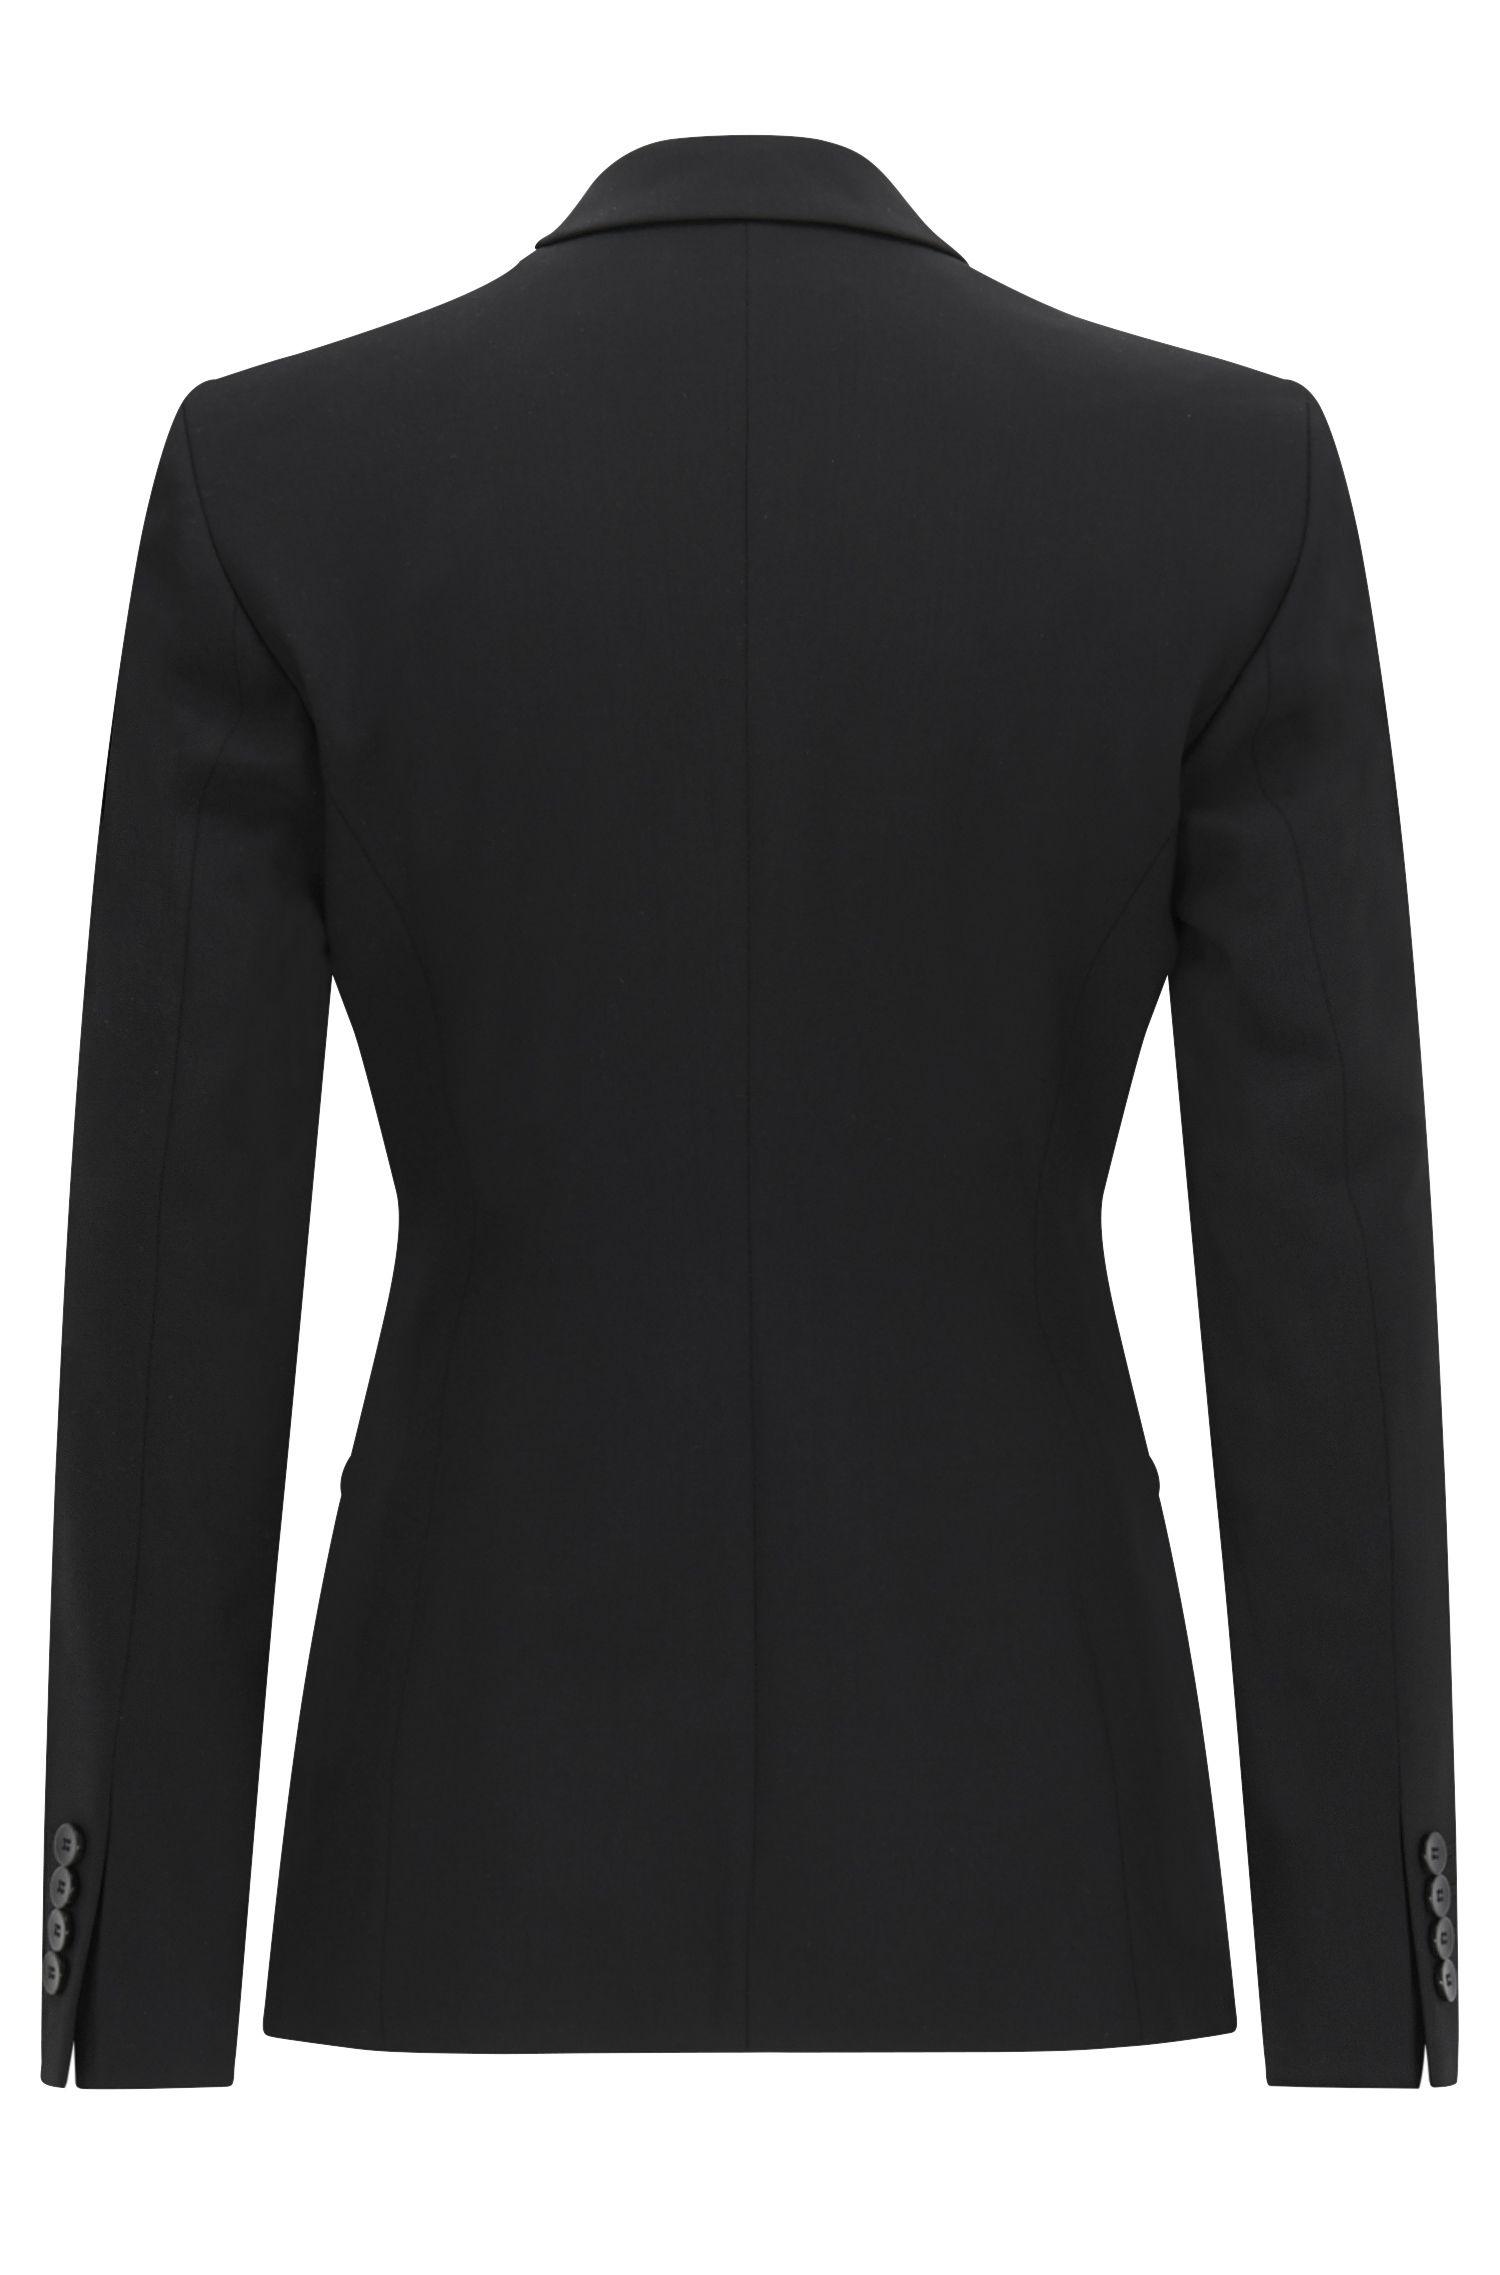 Blazer in lana elasticizzata con revers curvi